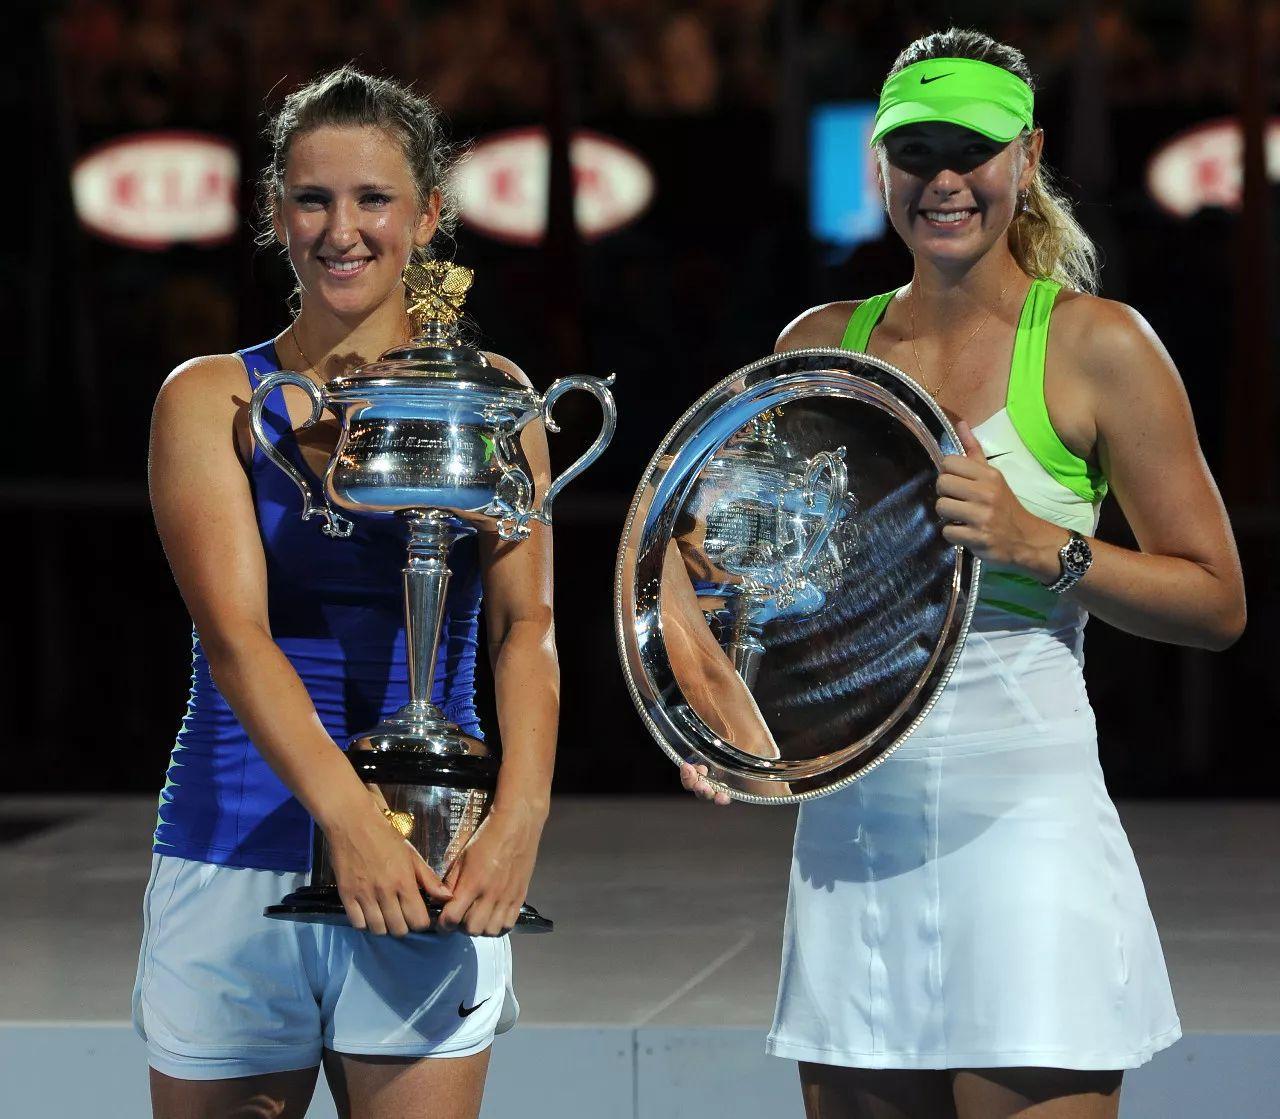 阿扎伦卡收获澳网正赛外卡 再度踏上坎坷回归路